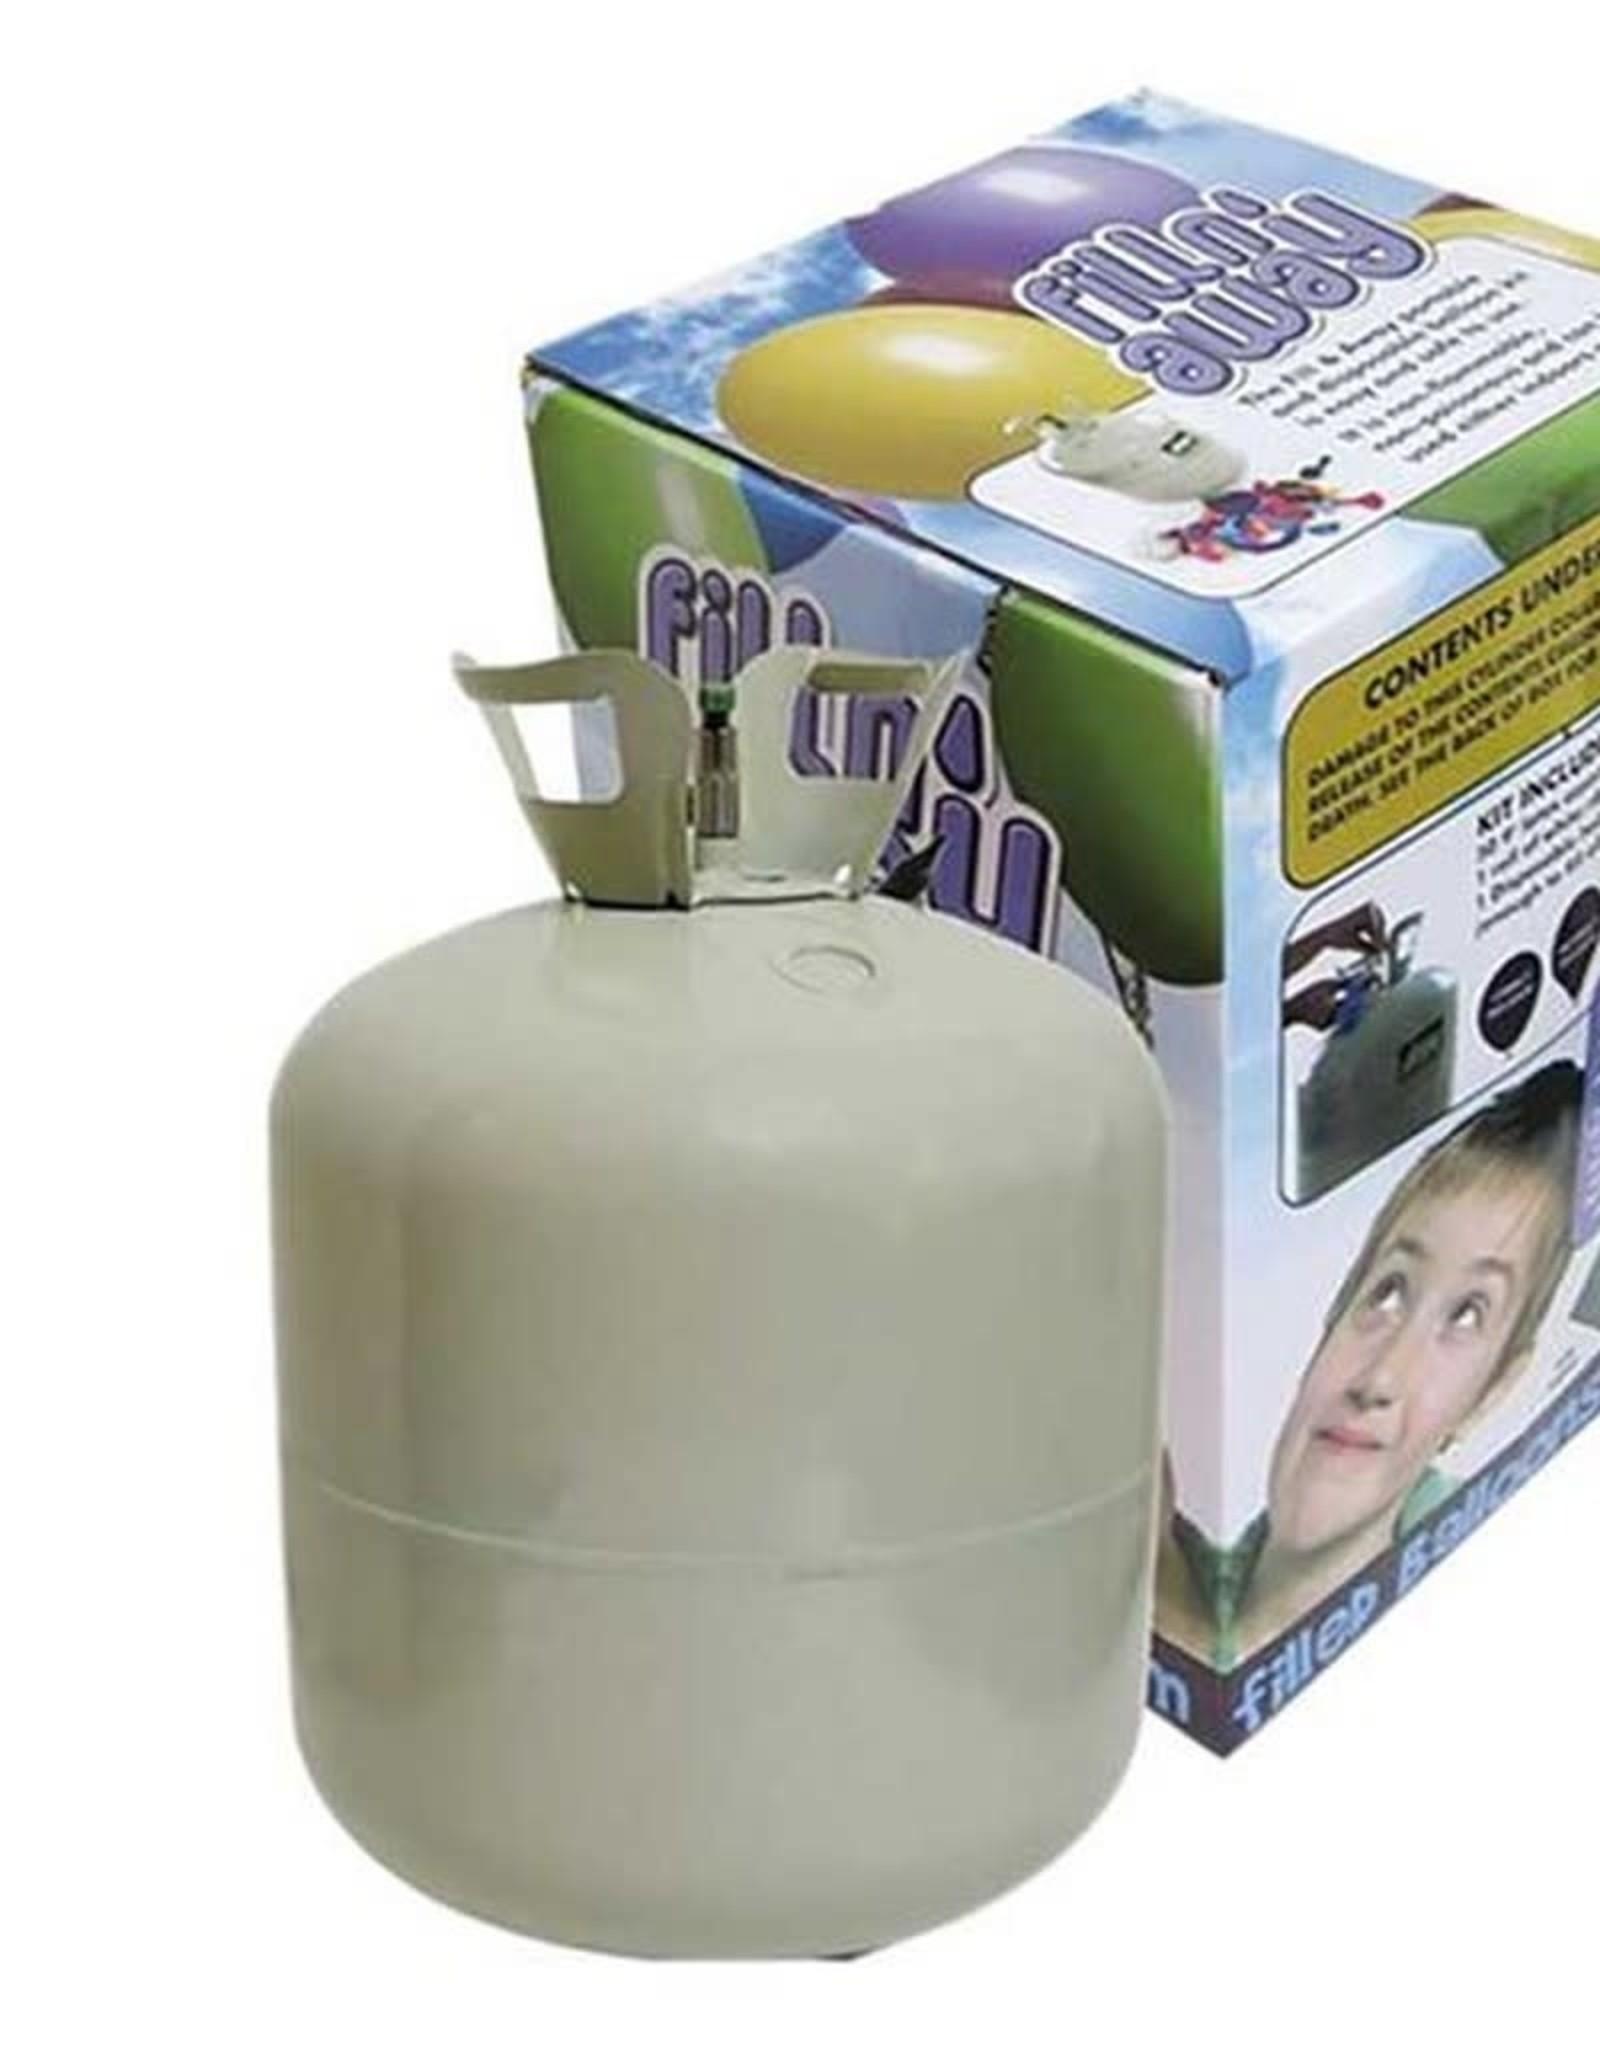 WITBAARD heliumcylinder voor 30 ballonnen